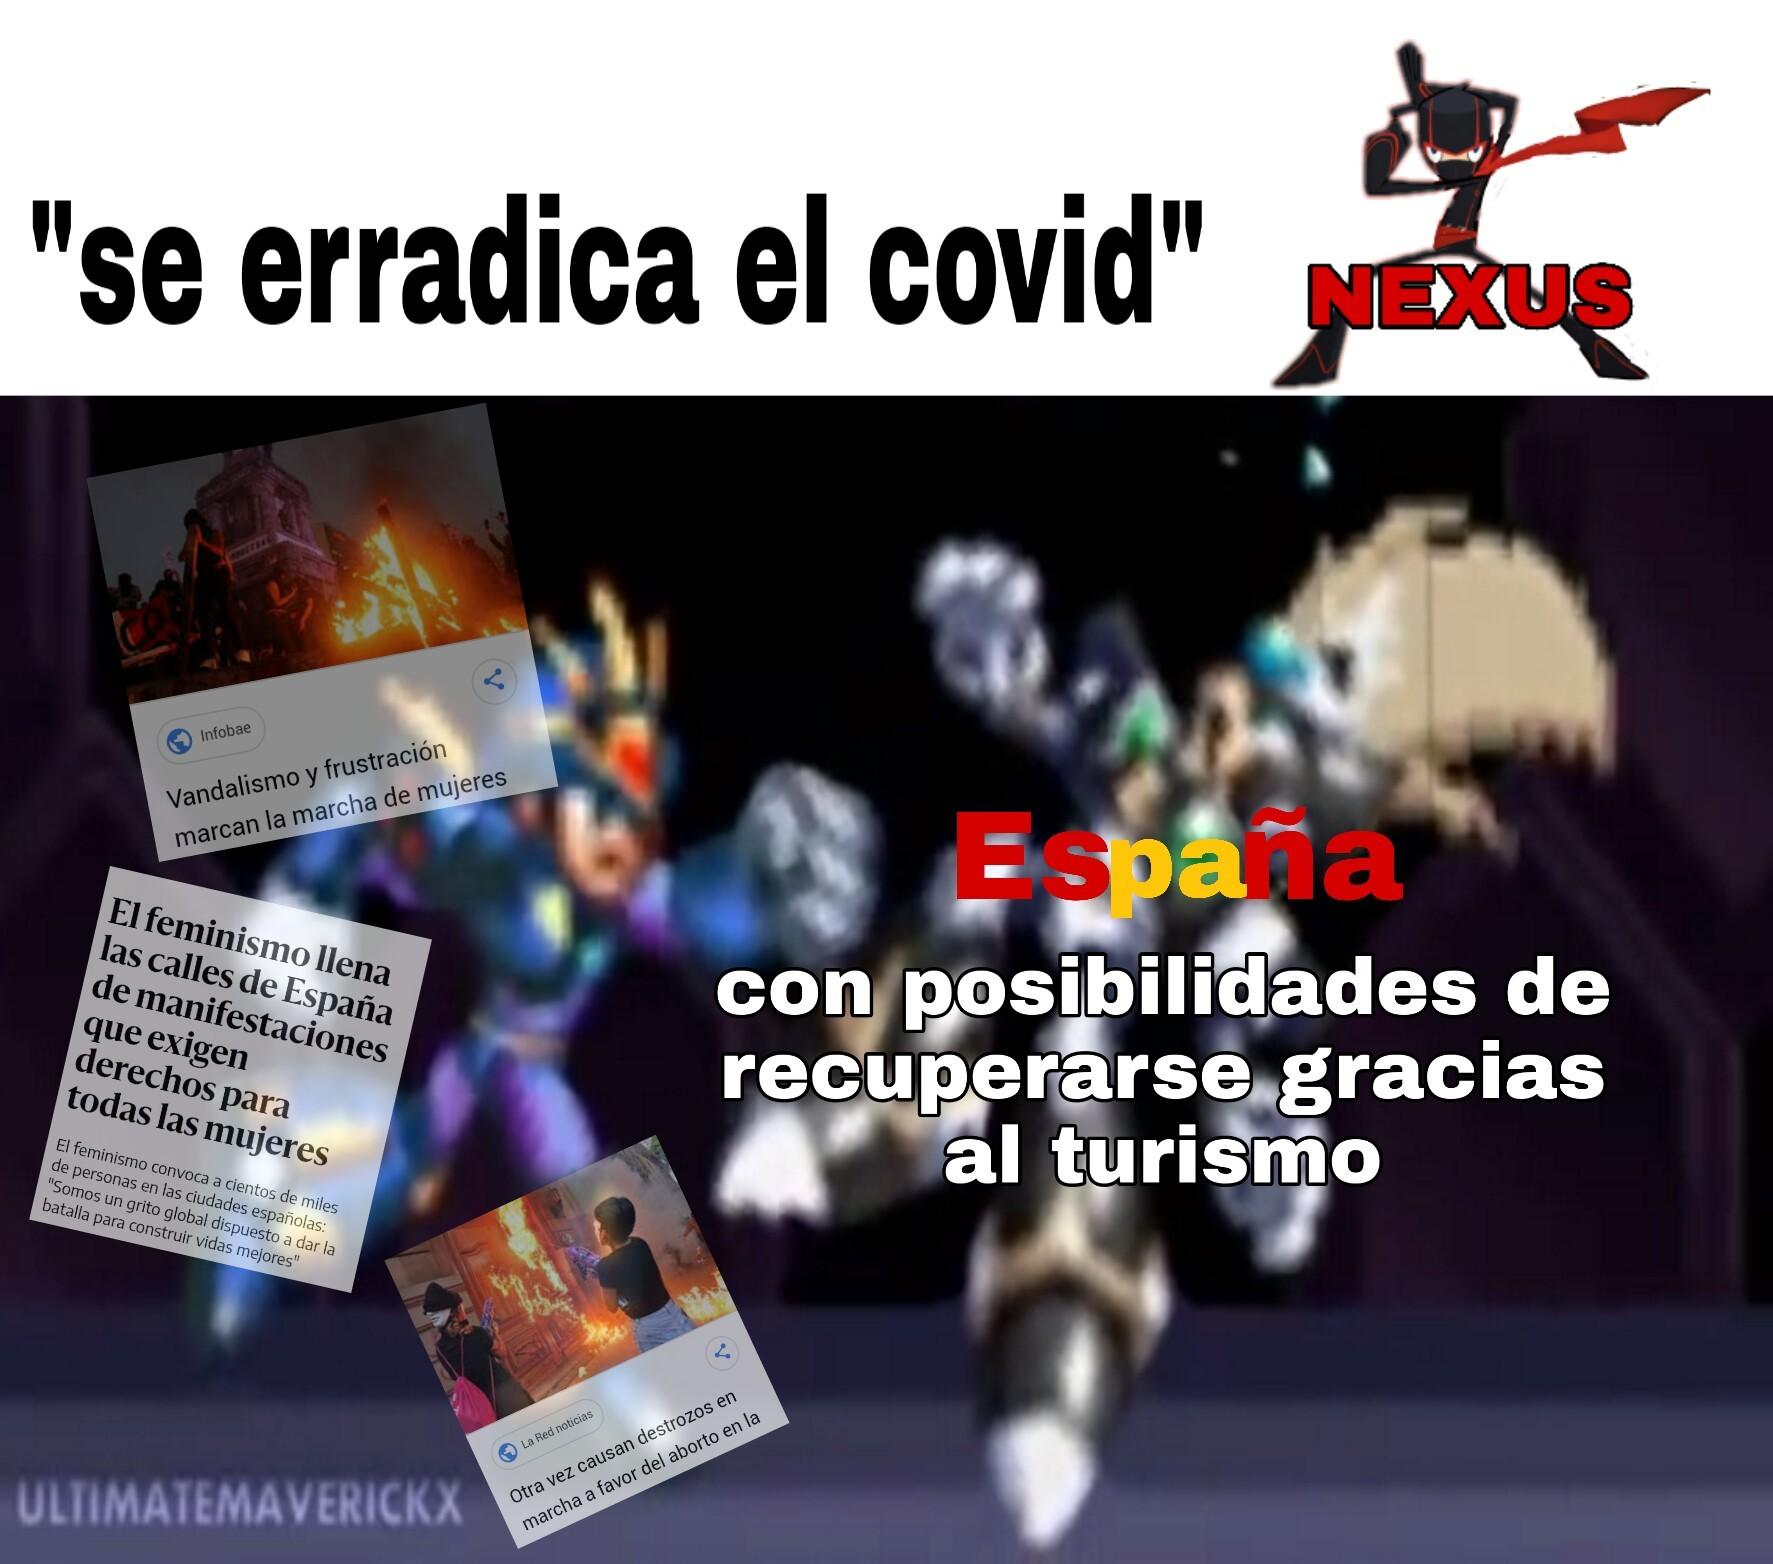 España es un pais turistico - meme